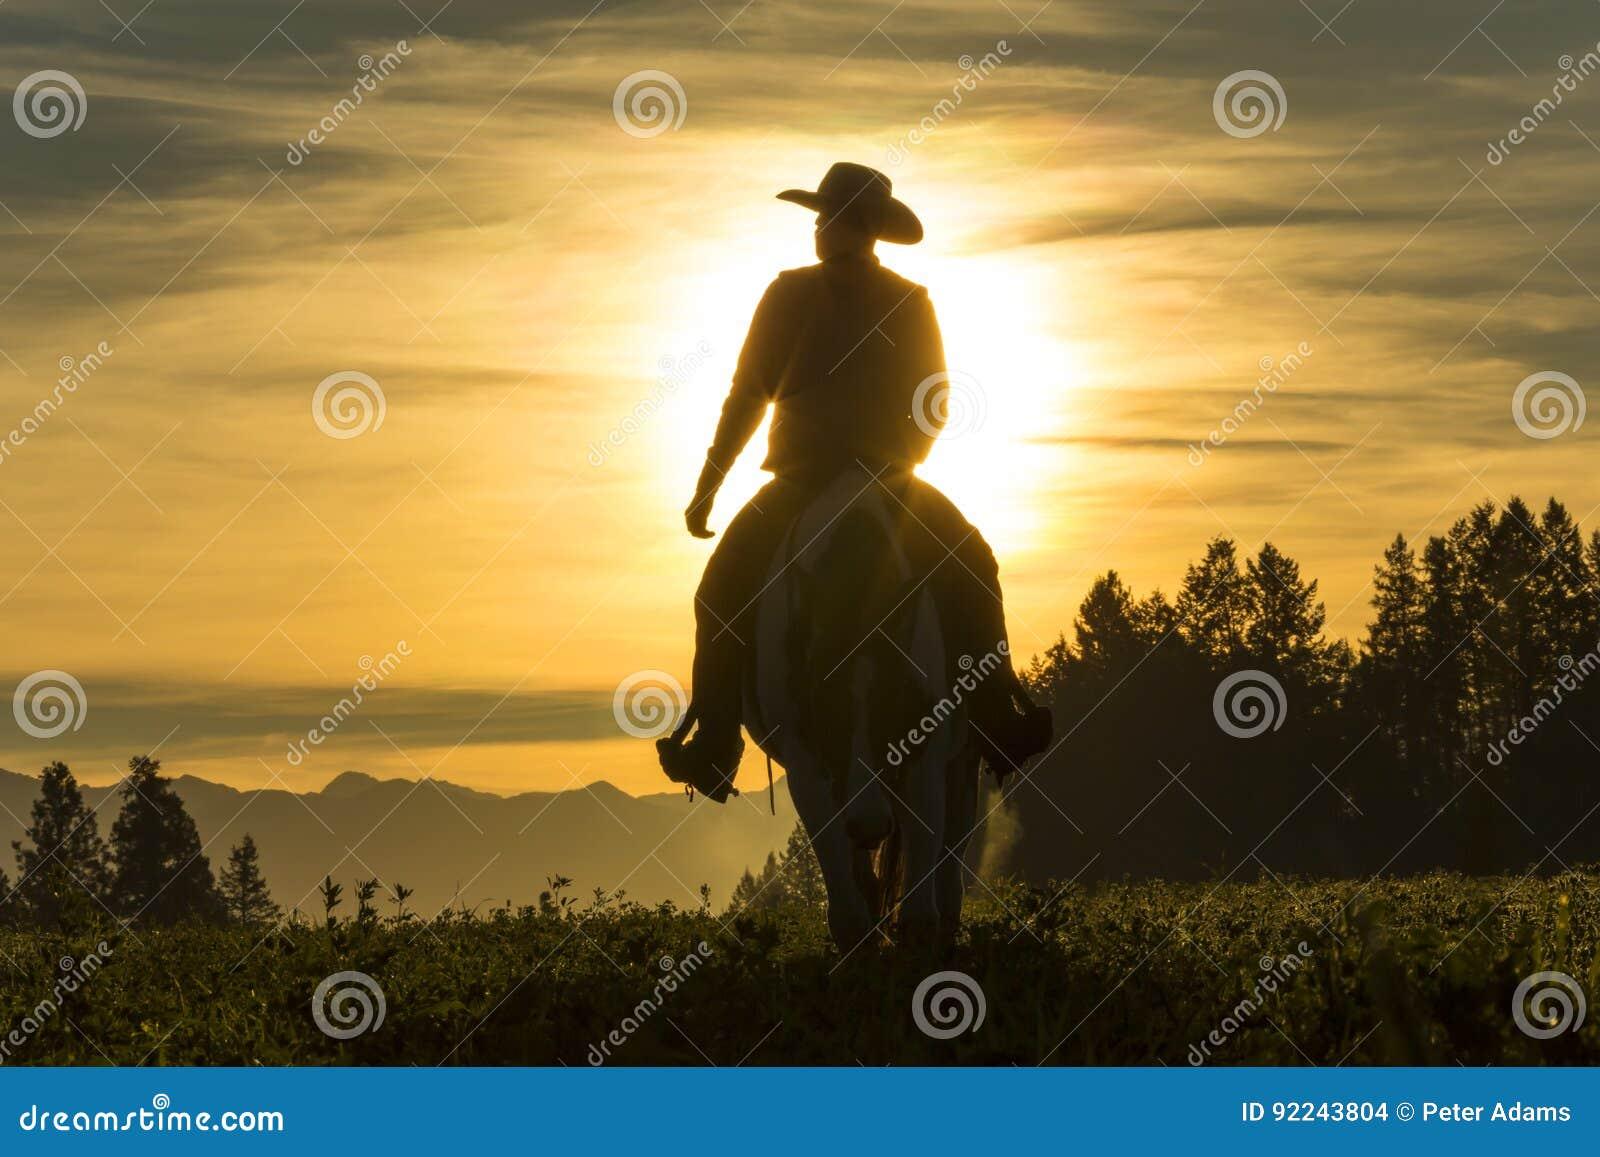 Cowboyreiten über Wiese mit Bergen im Hintergrund